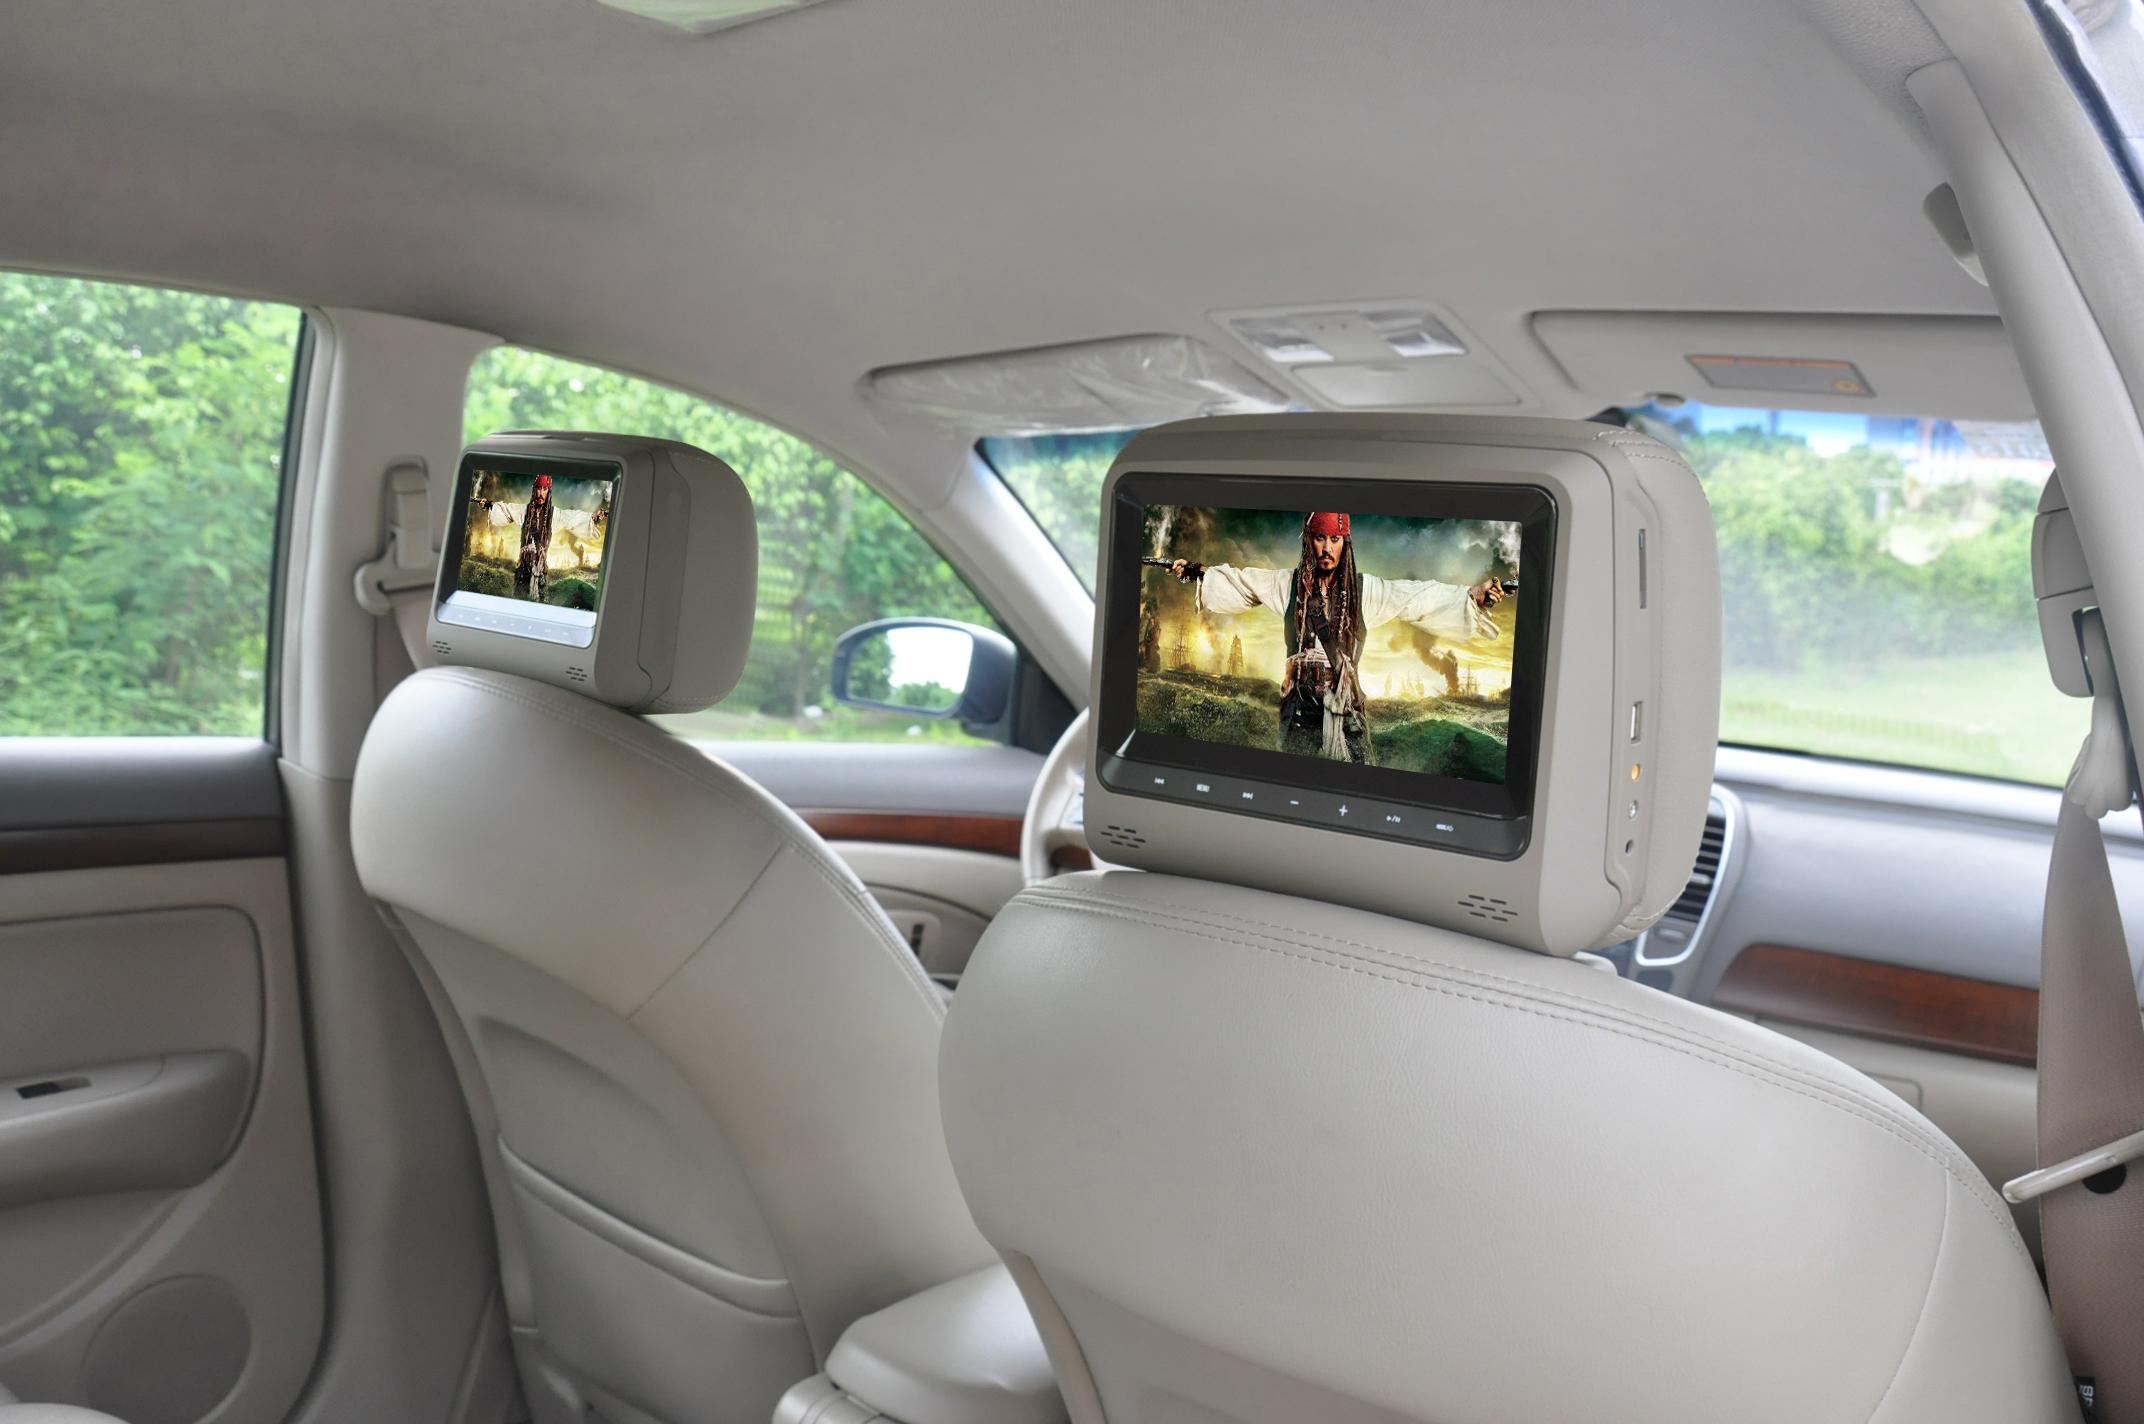 汽车显示器及车载dvd实现数字移动电视的改装